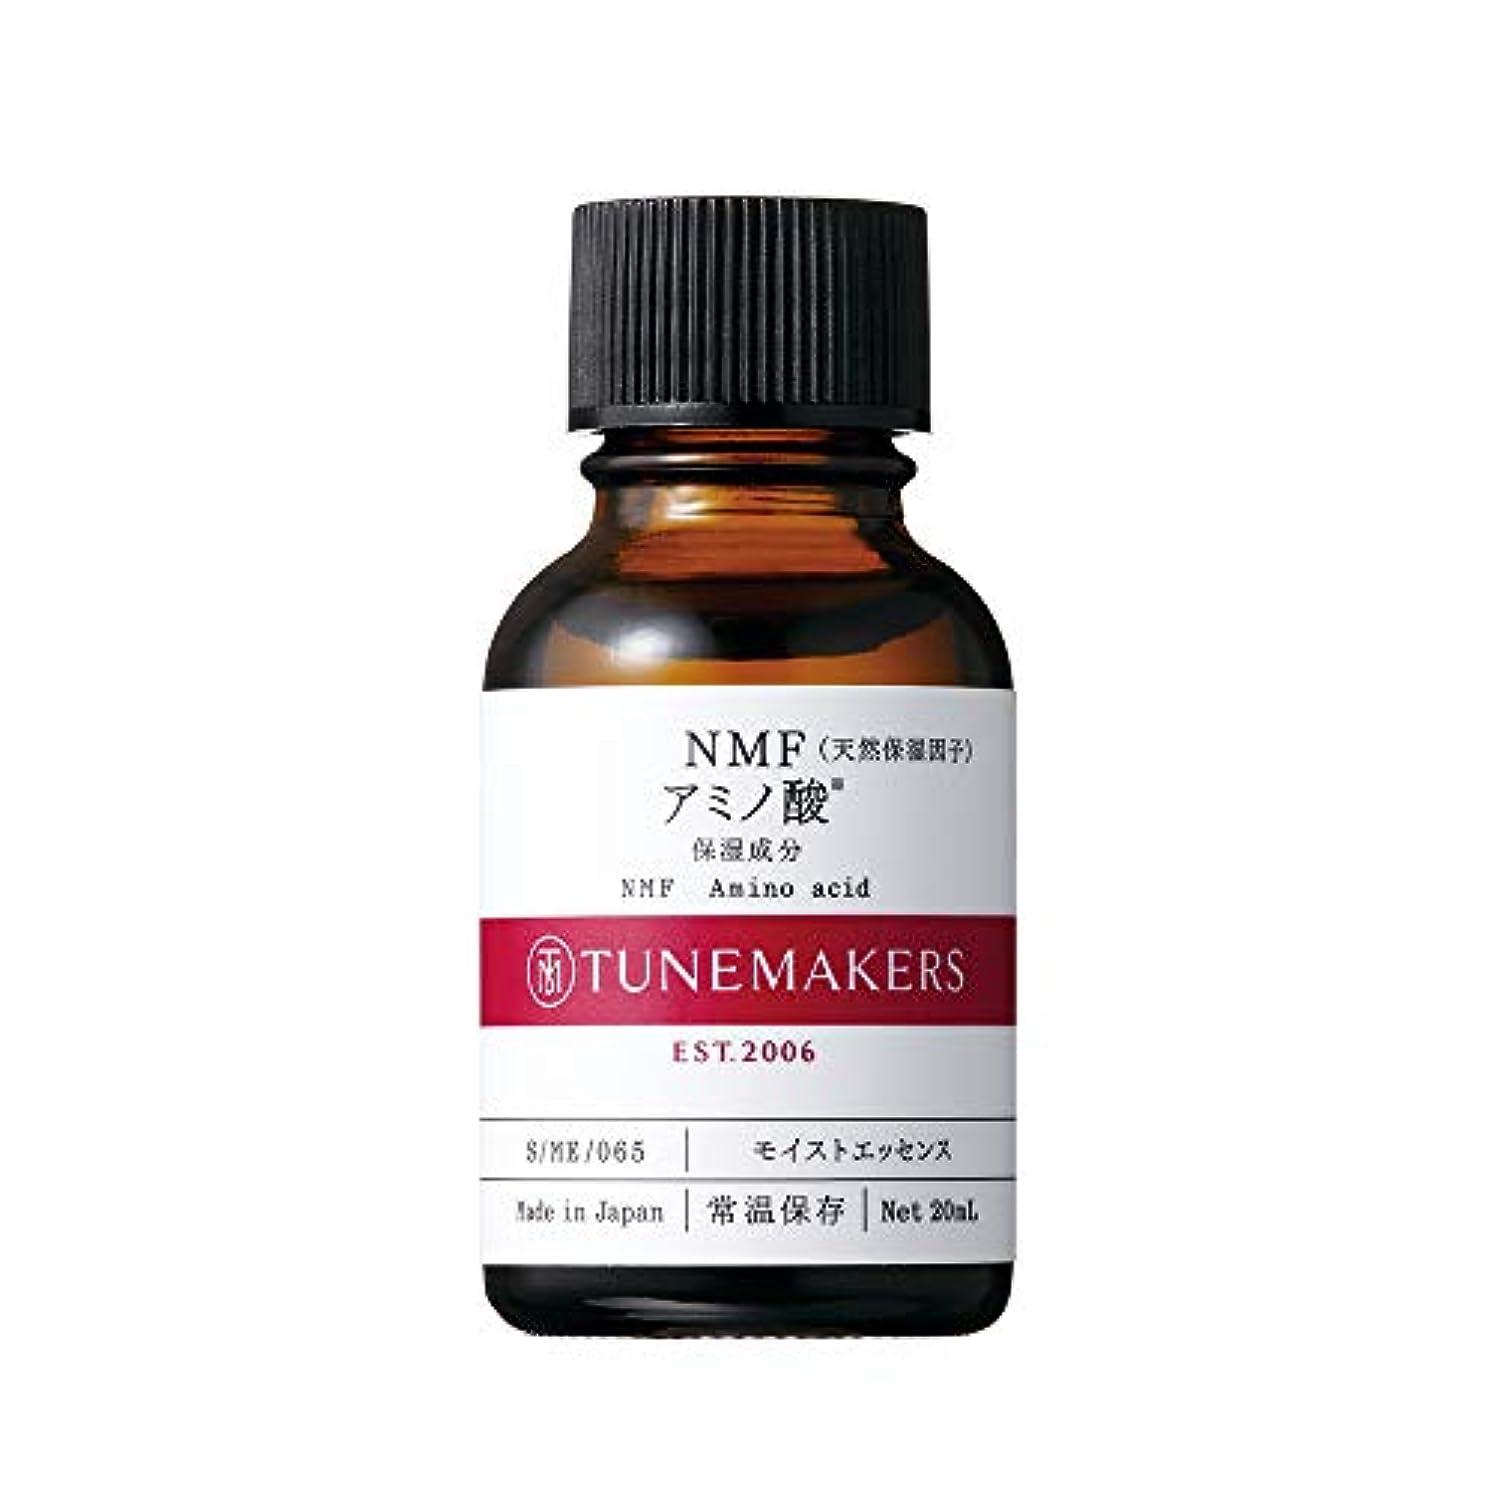 あたたかいうん正確さチューンメーカーズ NMF(天然保湿因子)アミノ酸 20ml 原液美容液